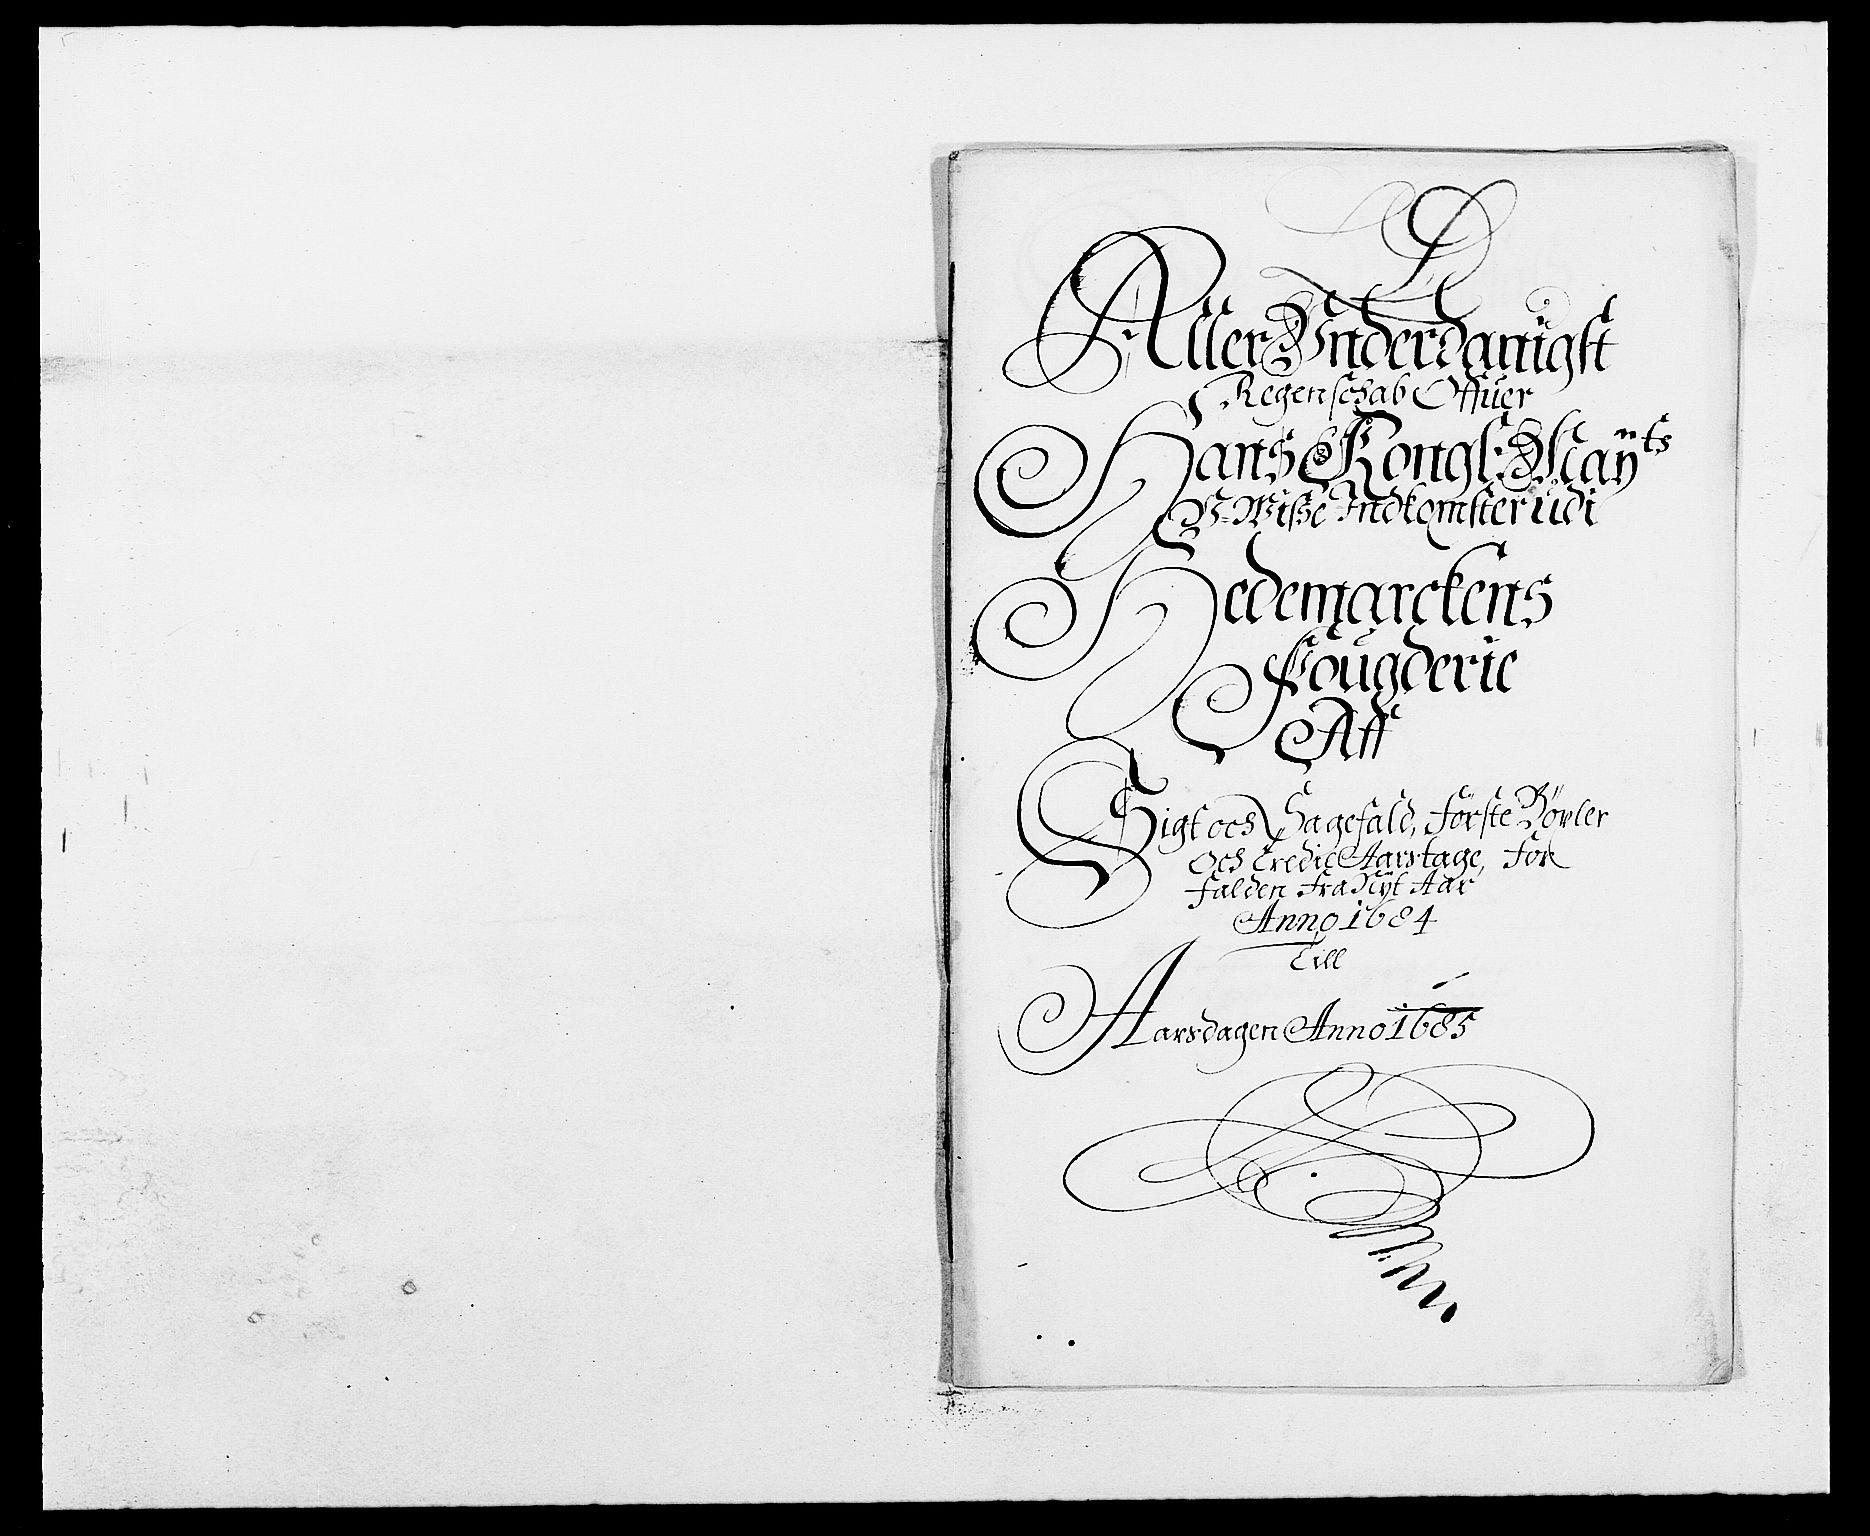 RA, Rentekammeret inntil 1814, Reviderte regnskaper, Fogderegnskap, R16/L1025: Fogderegnskap Hedmark, 1684, s. 265